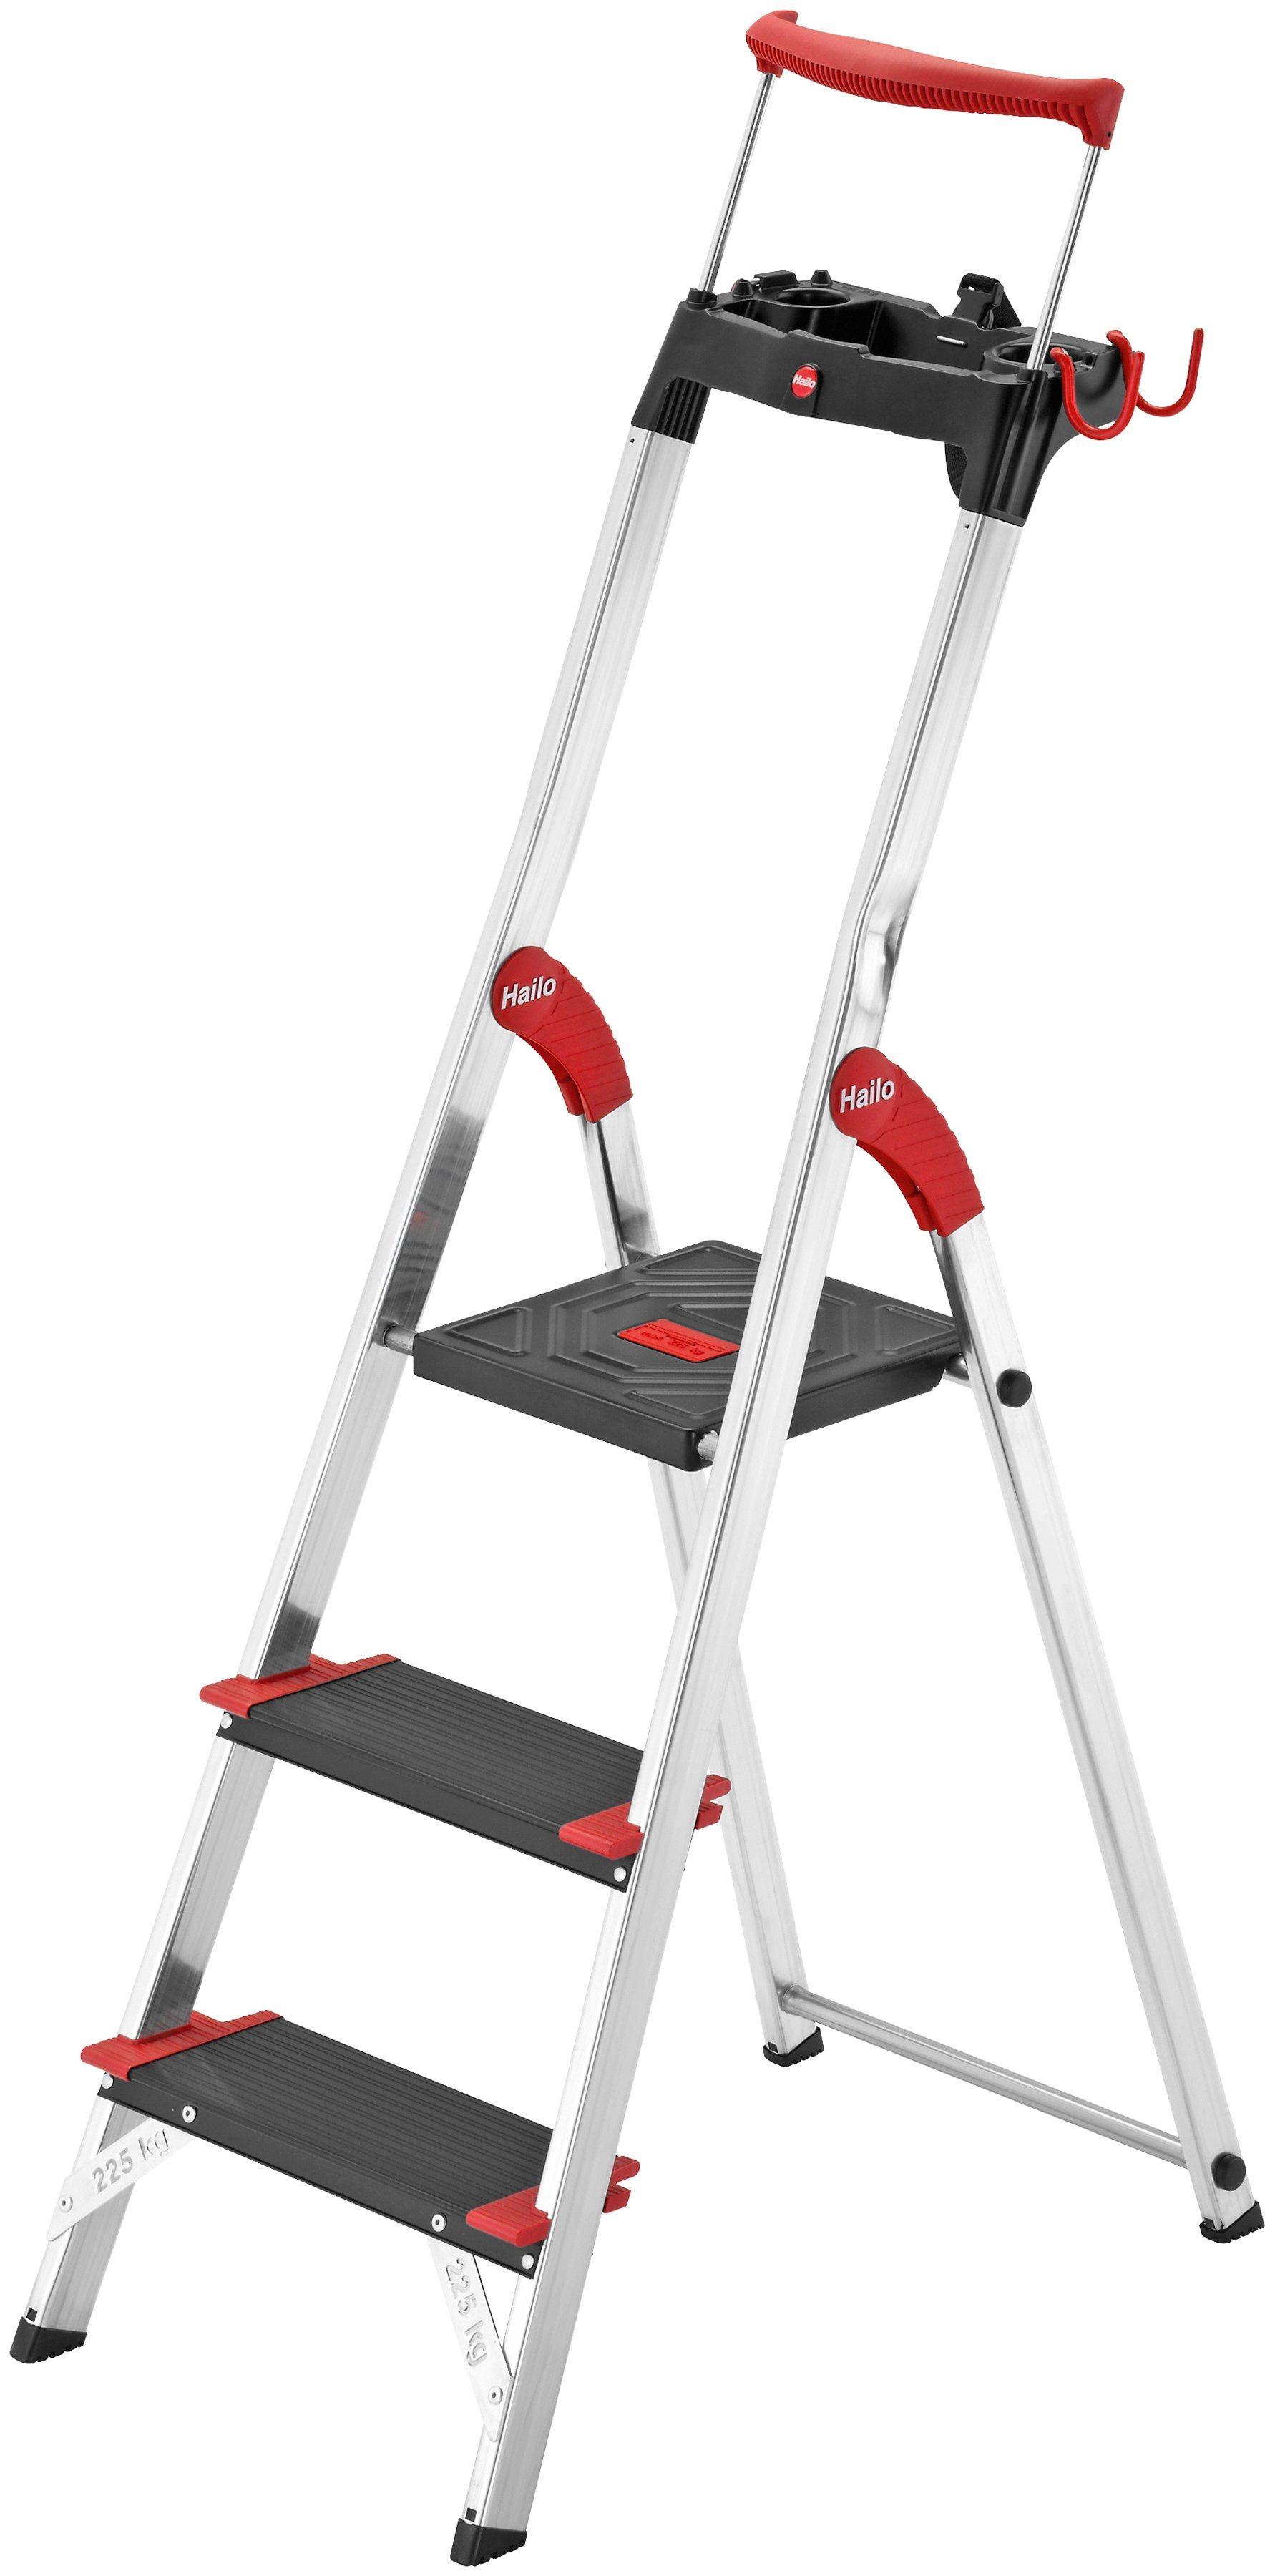 Hailo Sicherheitstrittleiter »XXR 225 EasyClix« | Baumarkt > Leitern und Treppen > Trittleiter | Hailo